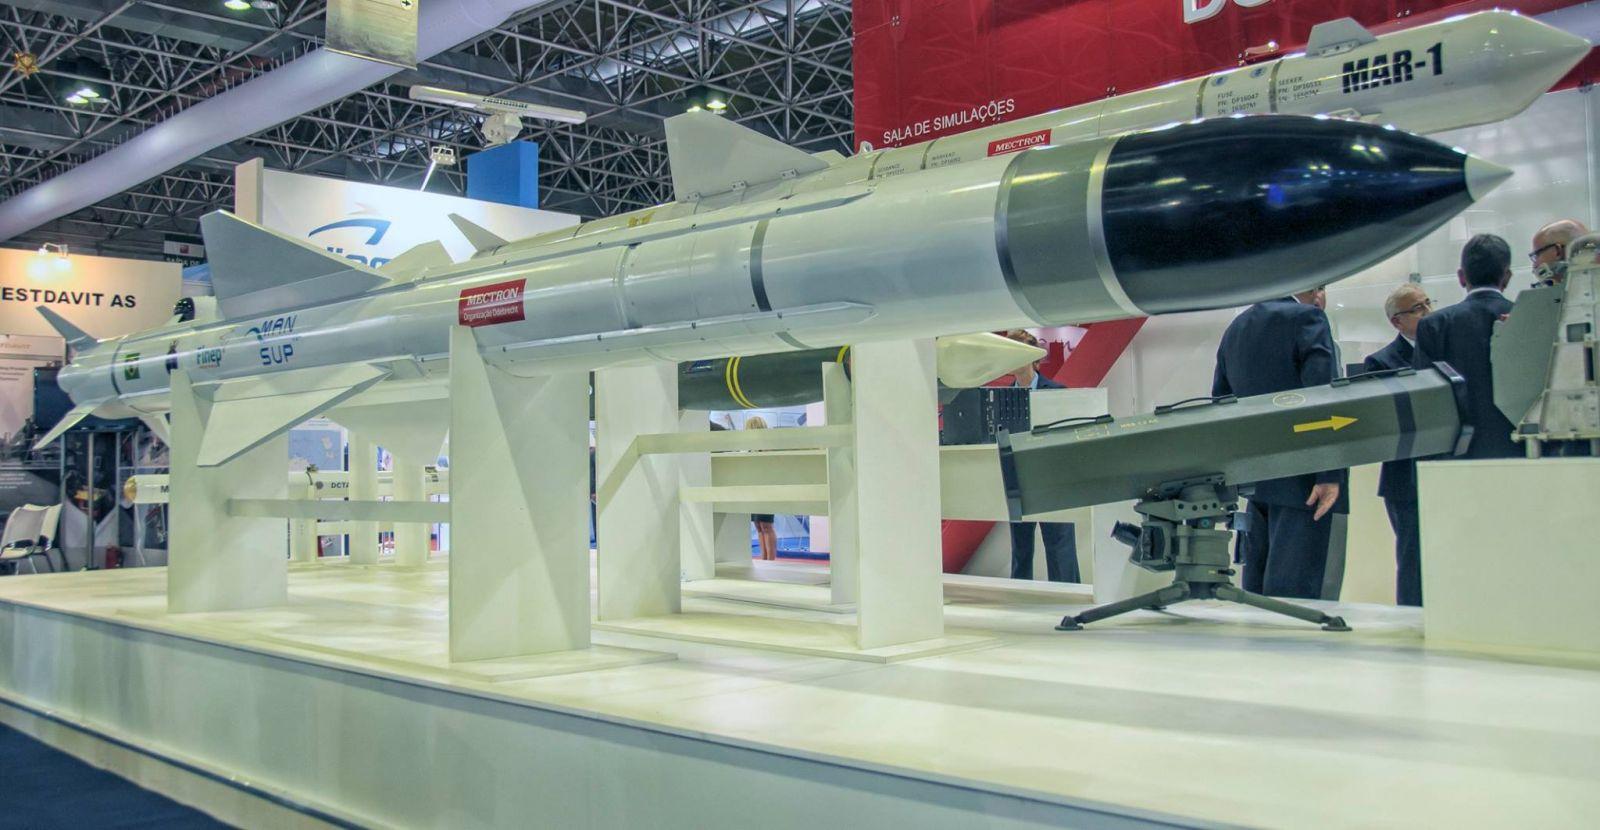 Marinha diz que o MANSUP não é um projeto obsoleto e que sua industrialização vai coincidir com a execução do projeto das corvetas Tamandaré: 'timing adequado'